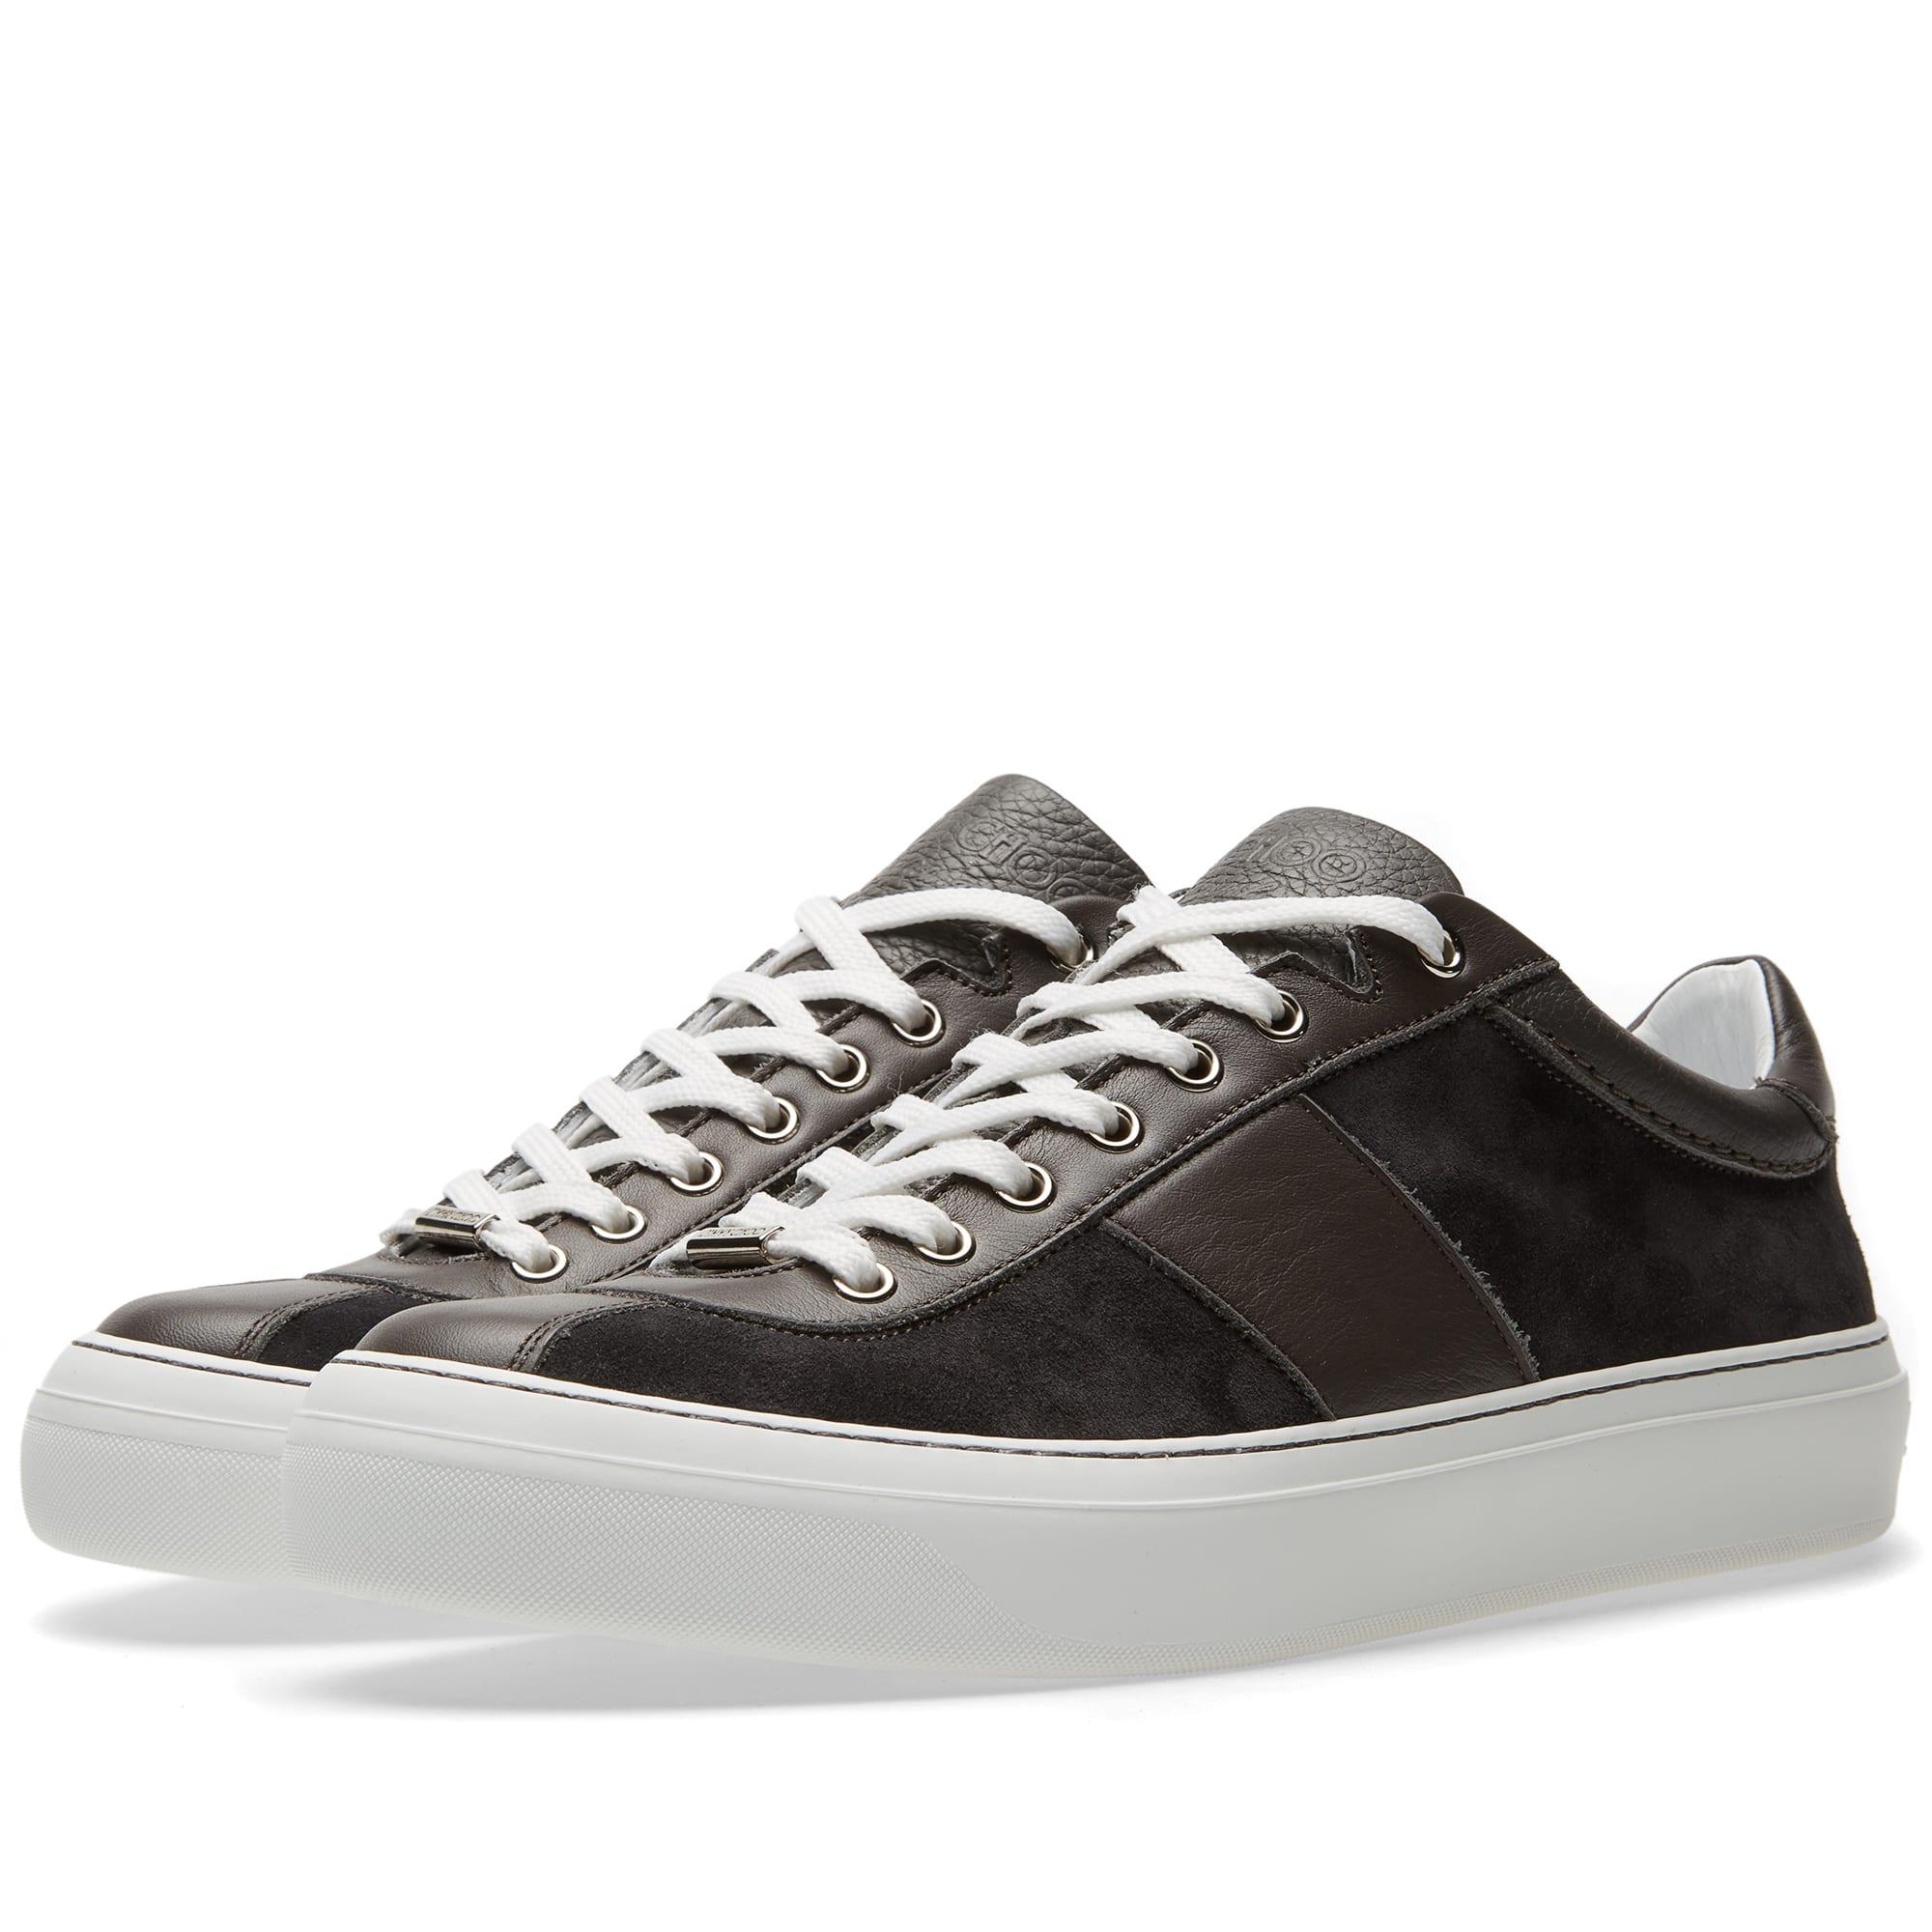 Jimmy Choo Portman Sneaker Mink Grey | END.